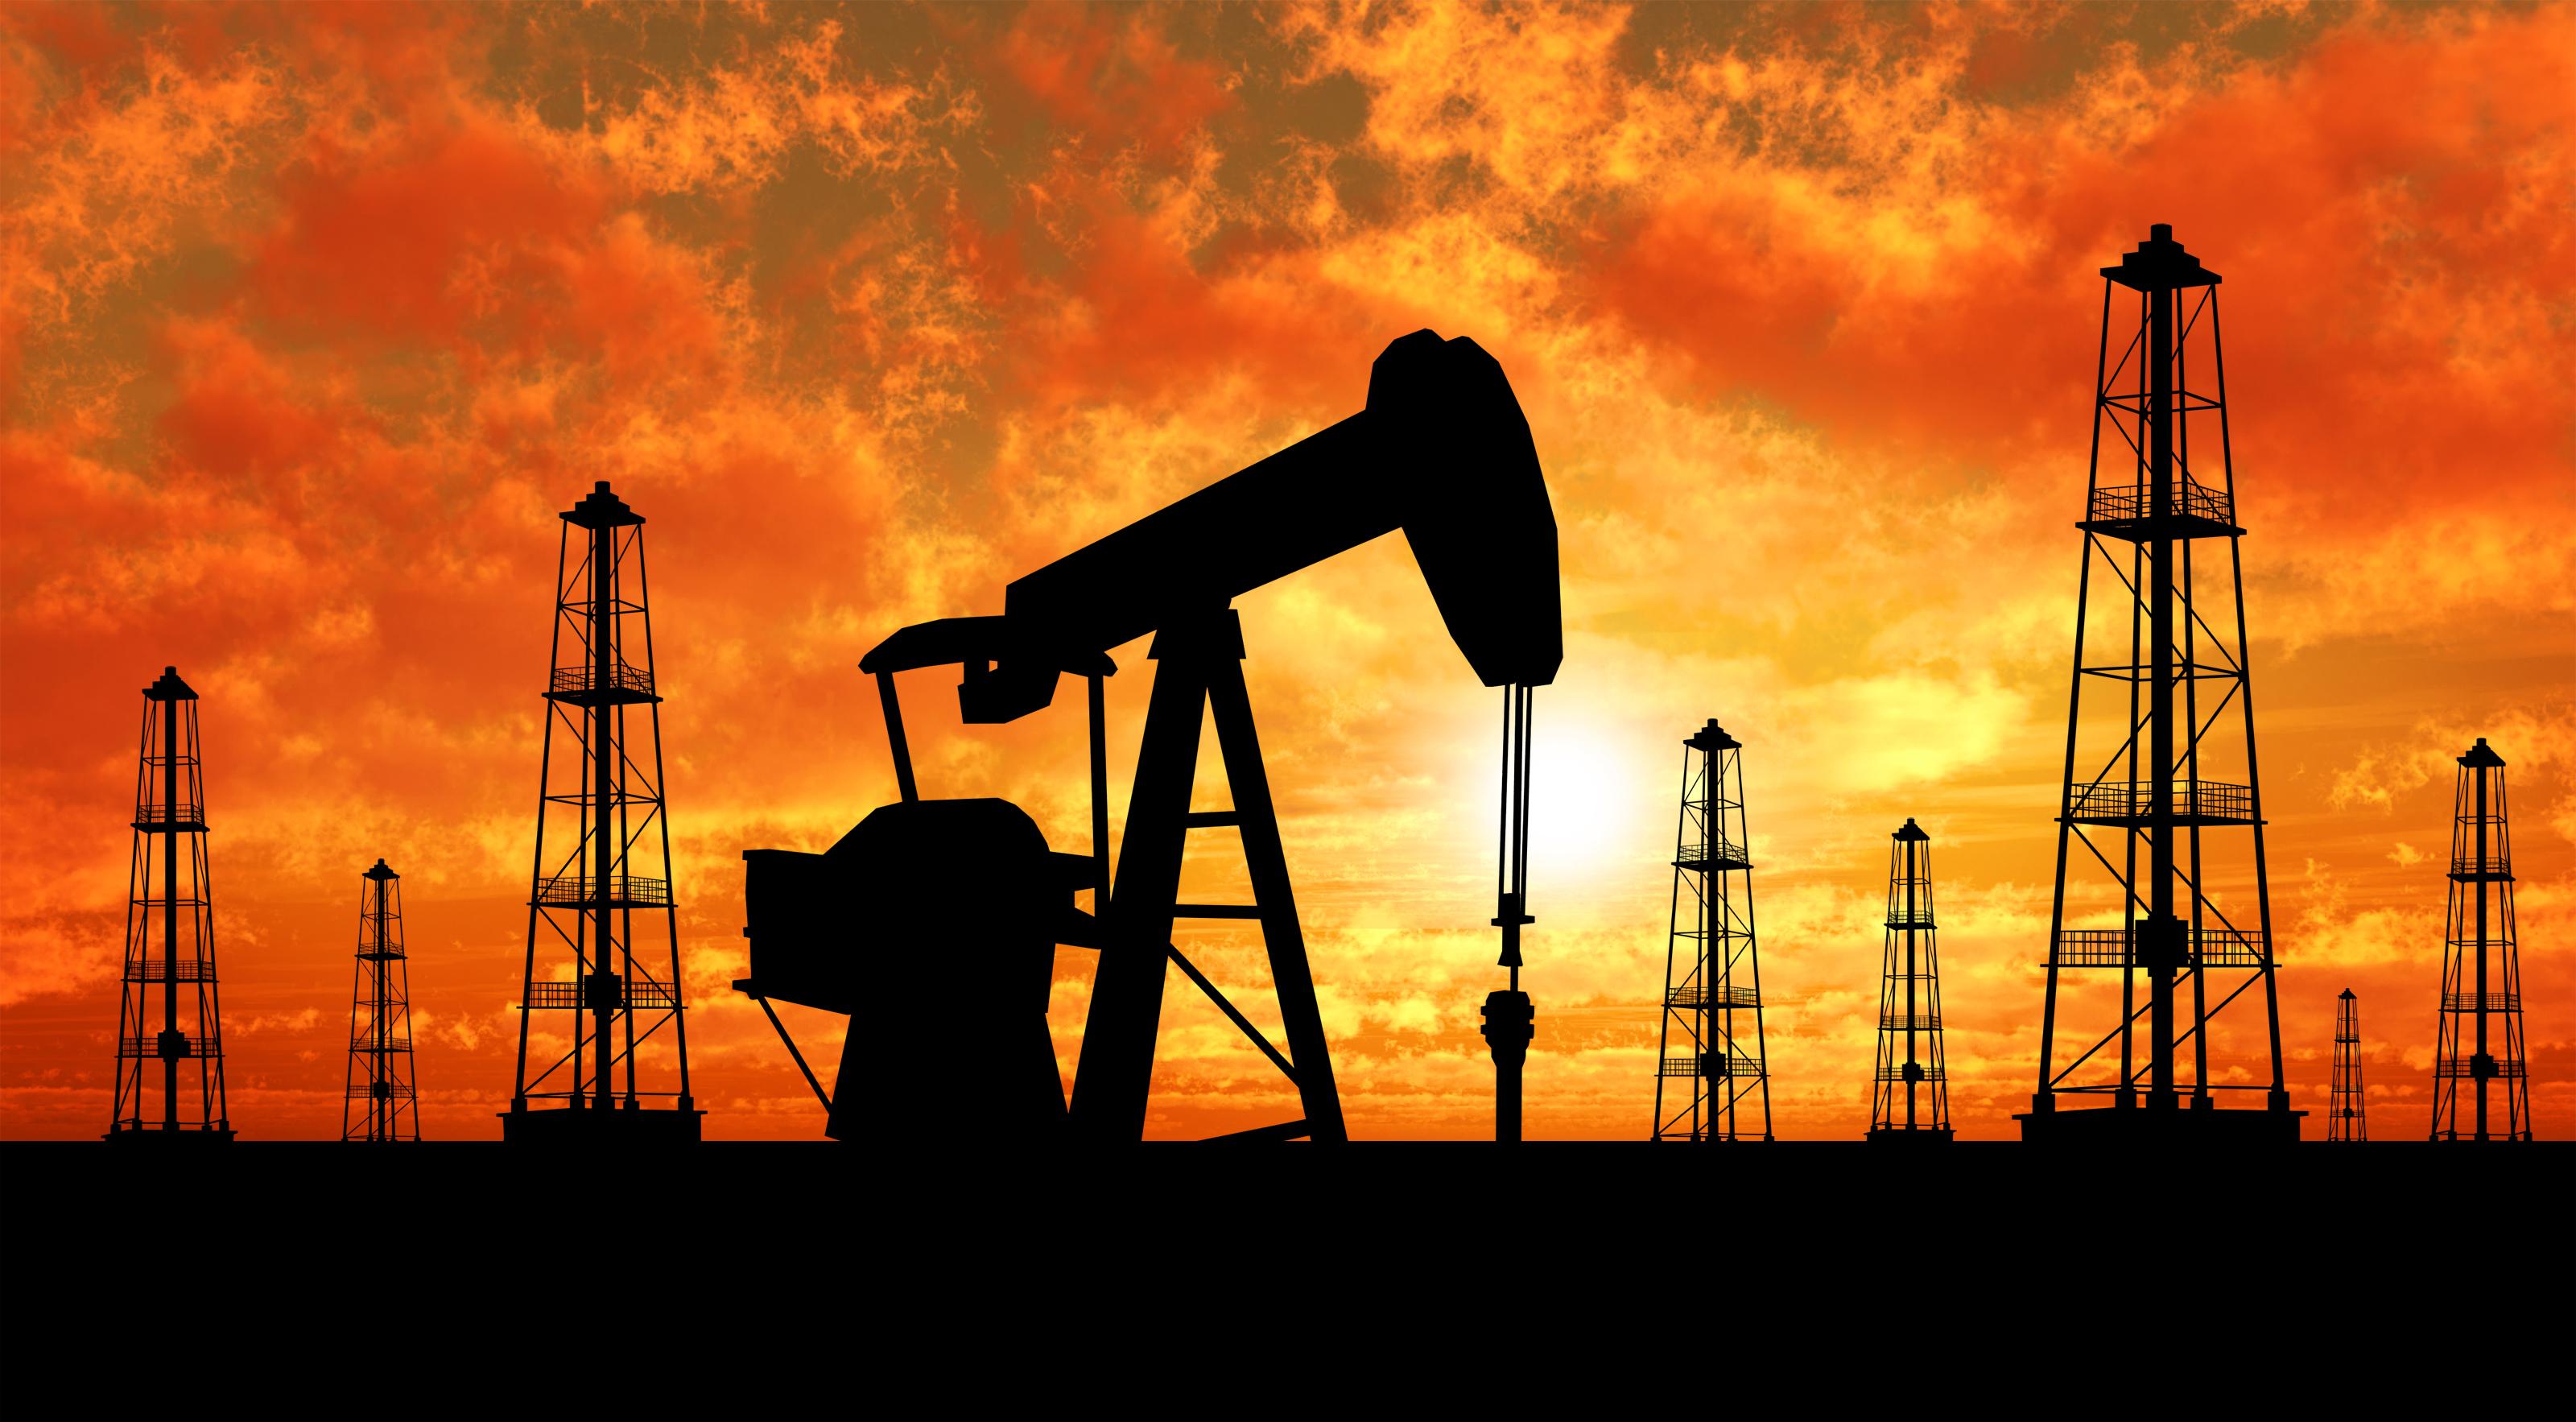 Doha aviva a los compradores de petróleo - USOIL en $40.71.